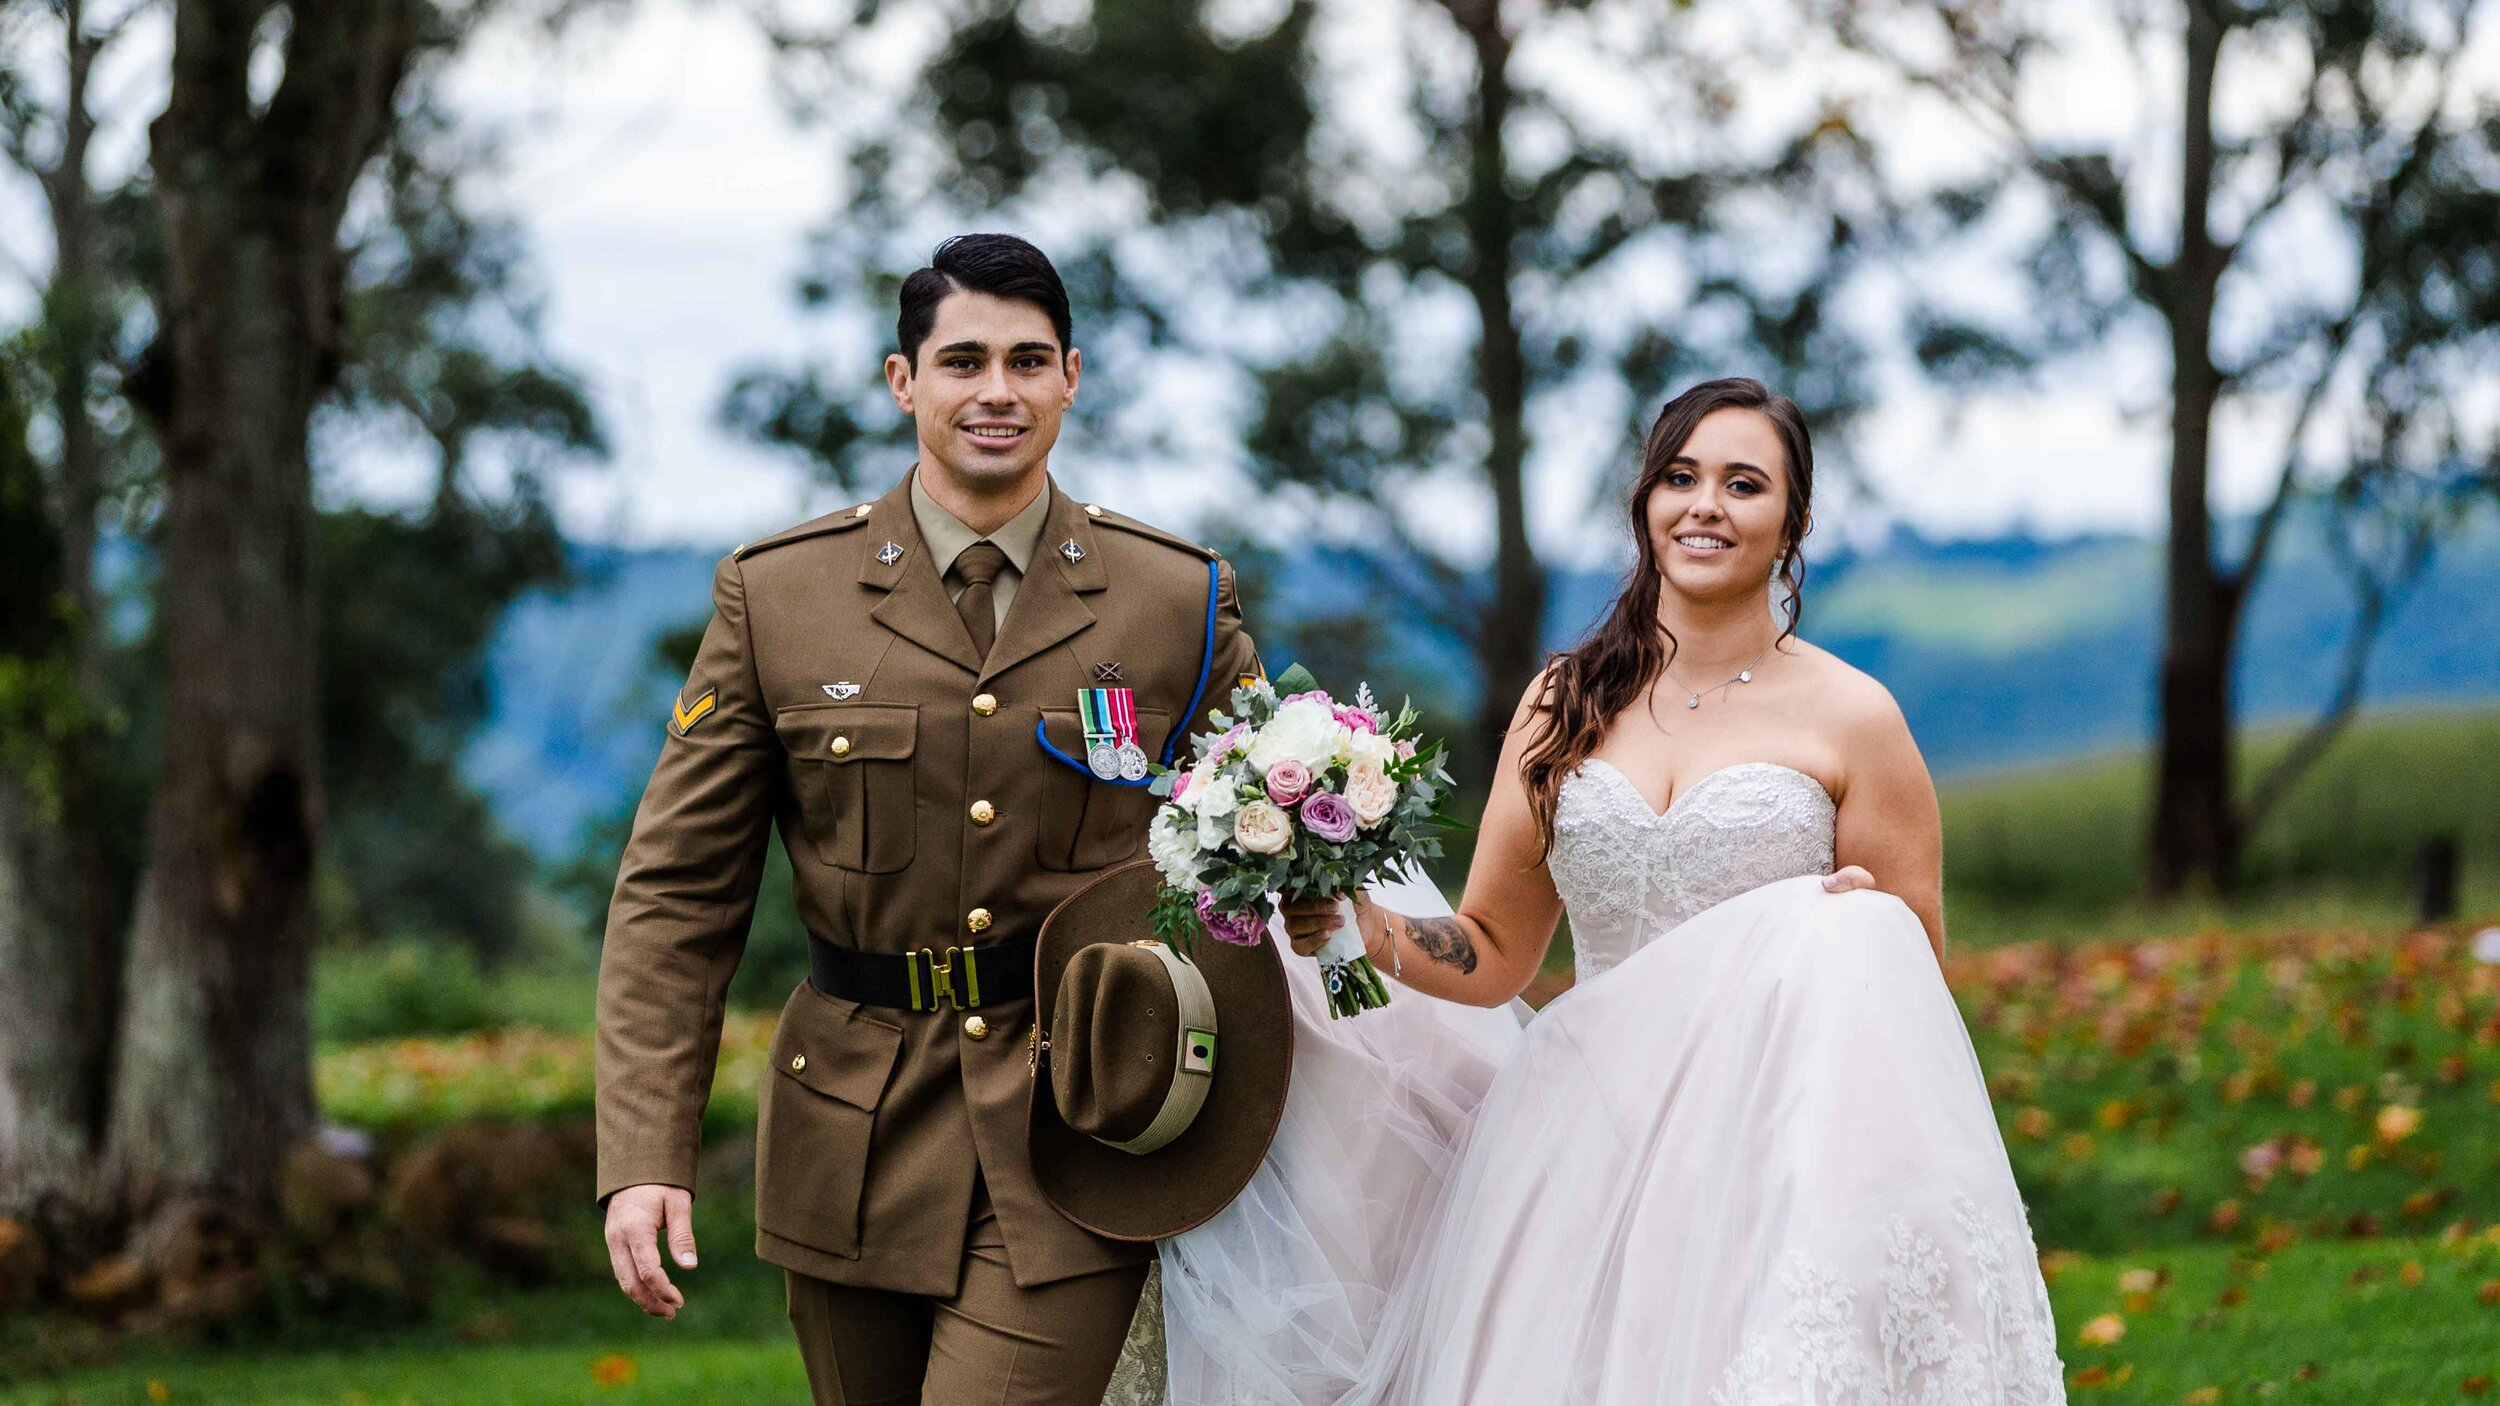 Chloe + Nathan Wedding's at Tiffany's wedding 04.05.2019